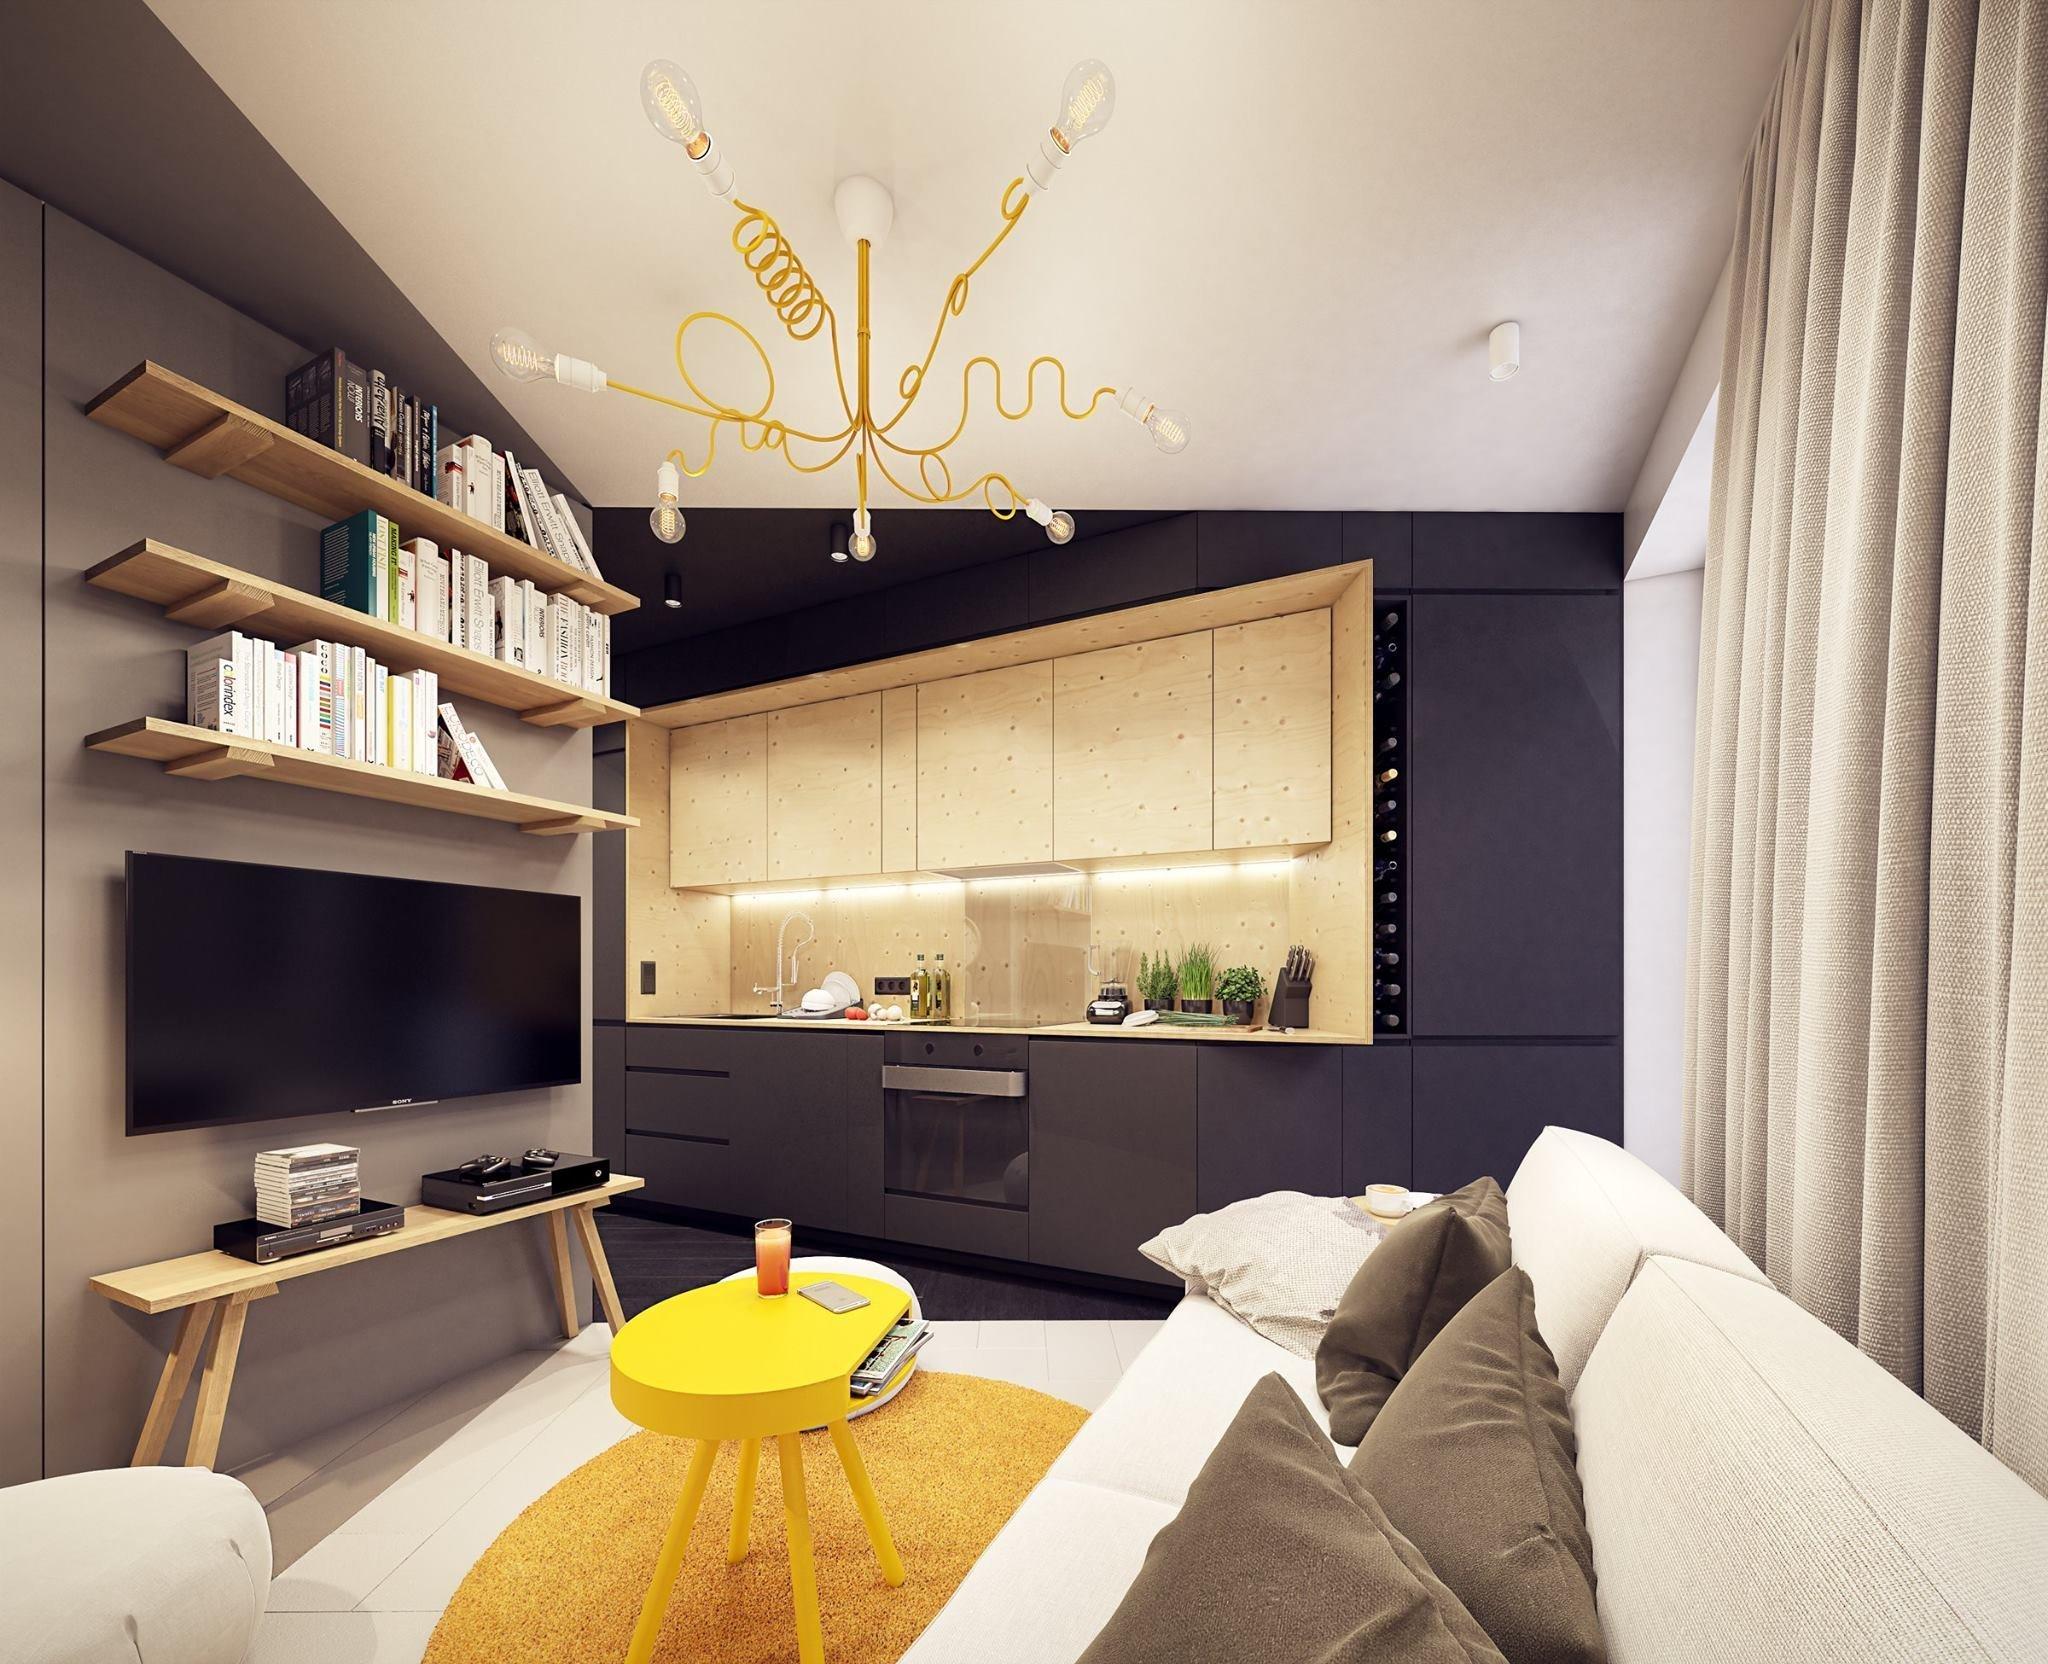 18 m2, které slouží, baví a hlavně stačí